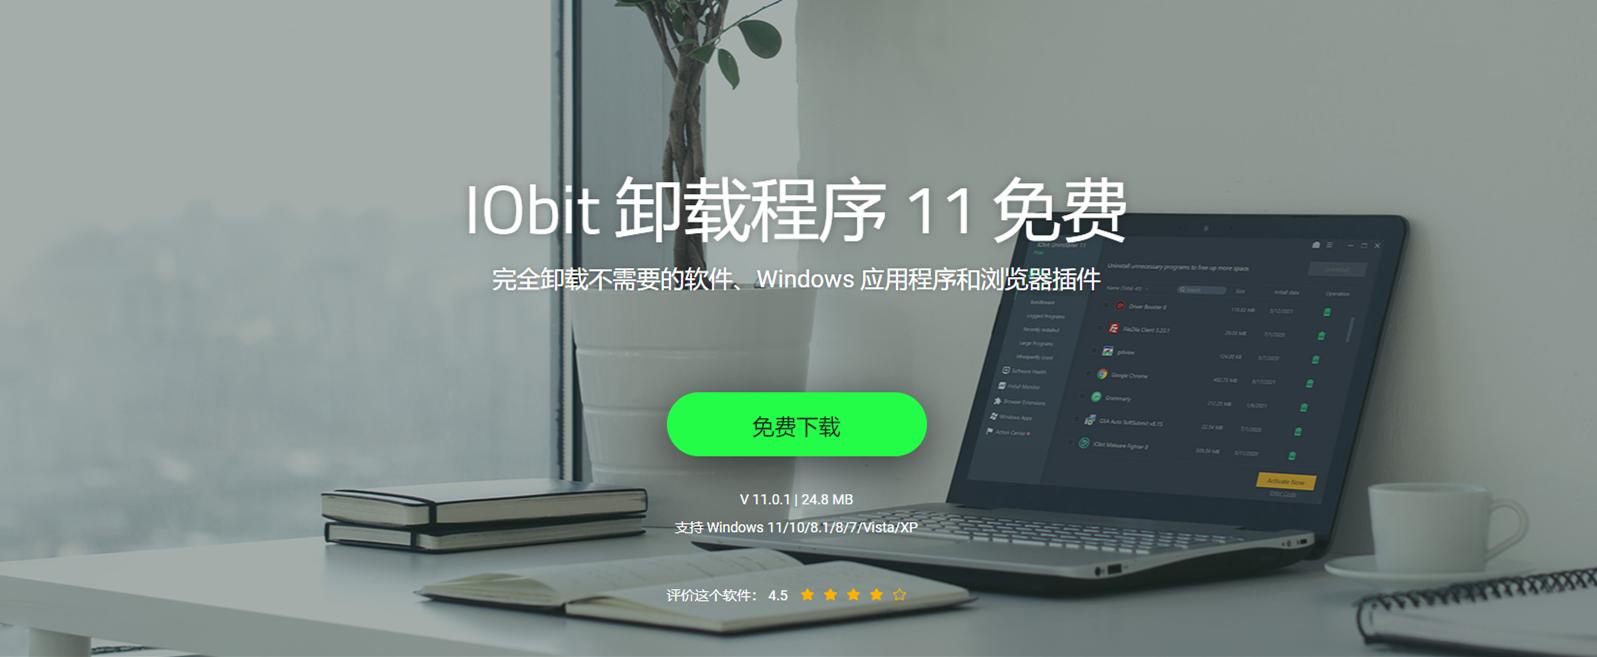 [正版软件] 清理与卸载工具IObit Uninstaller 11 Pro团购 券后价低至49元